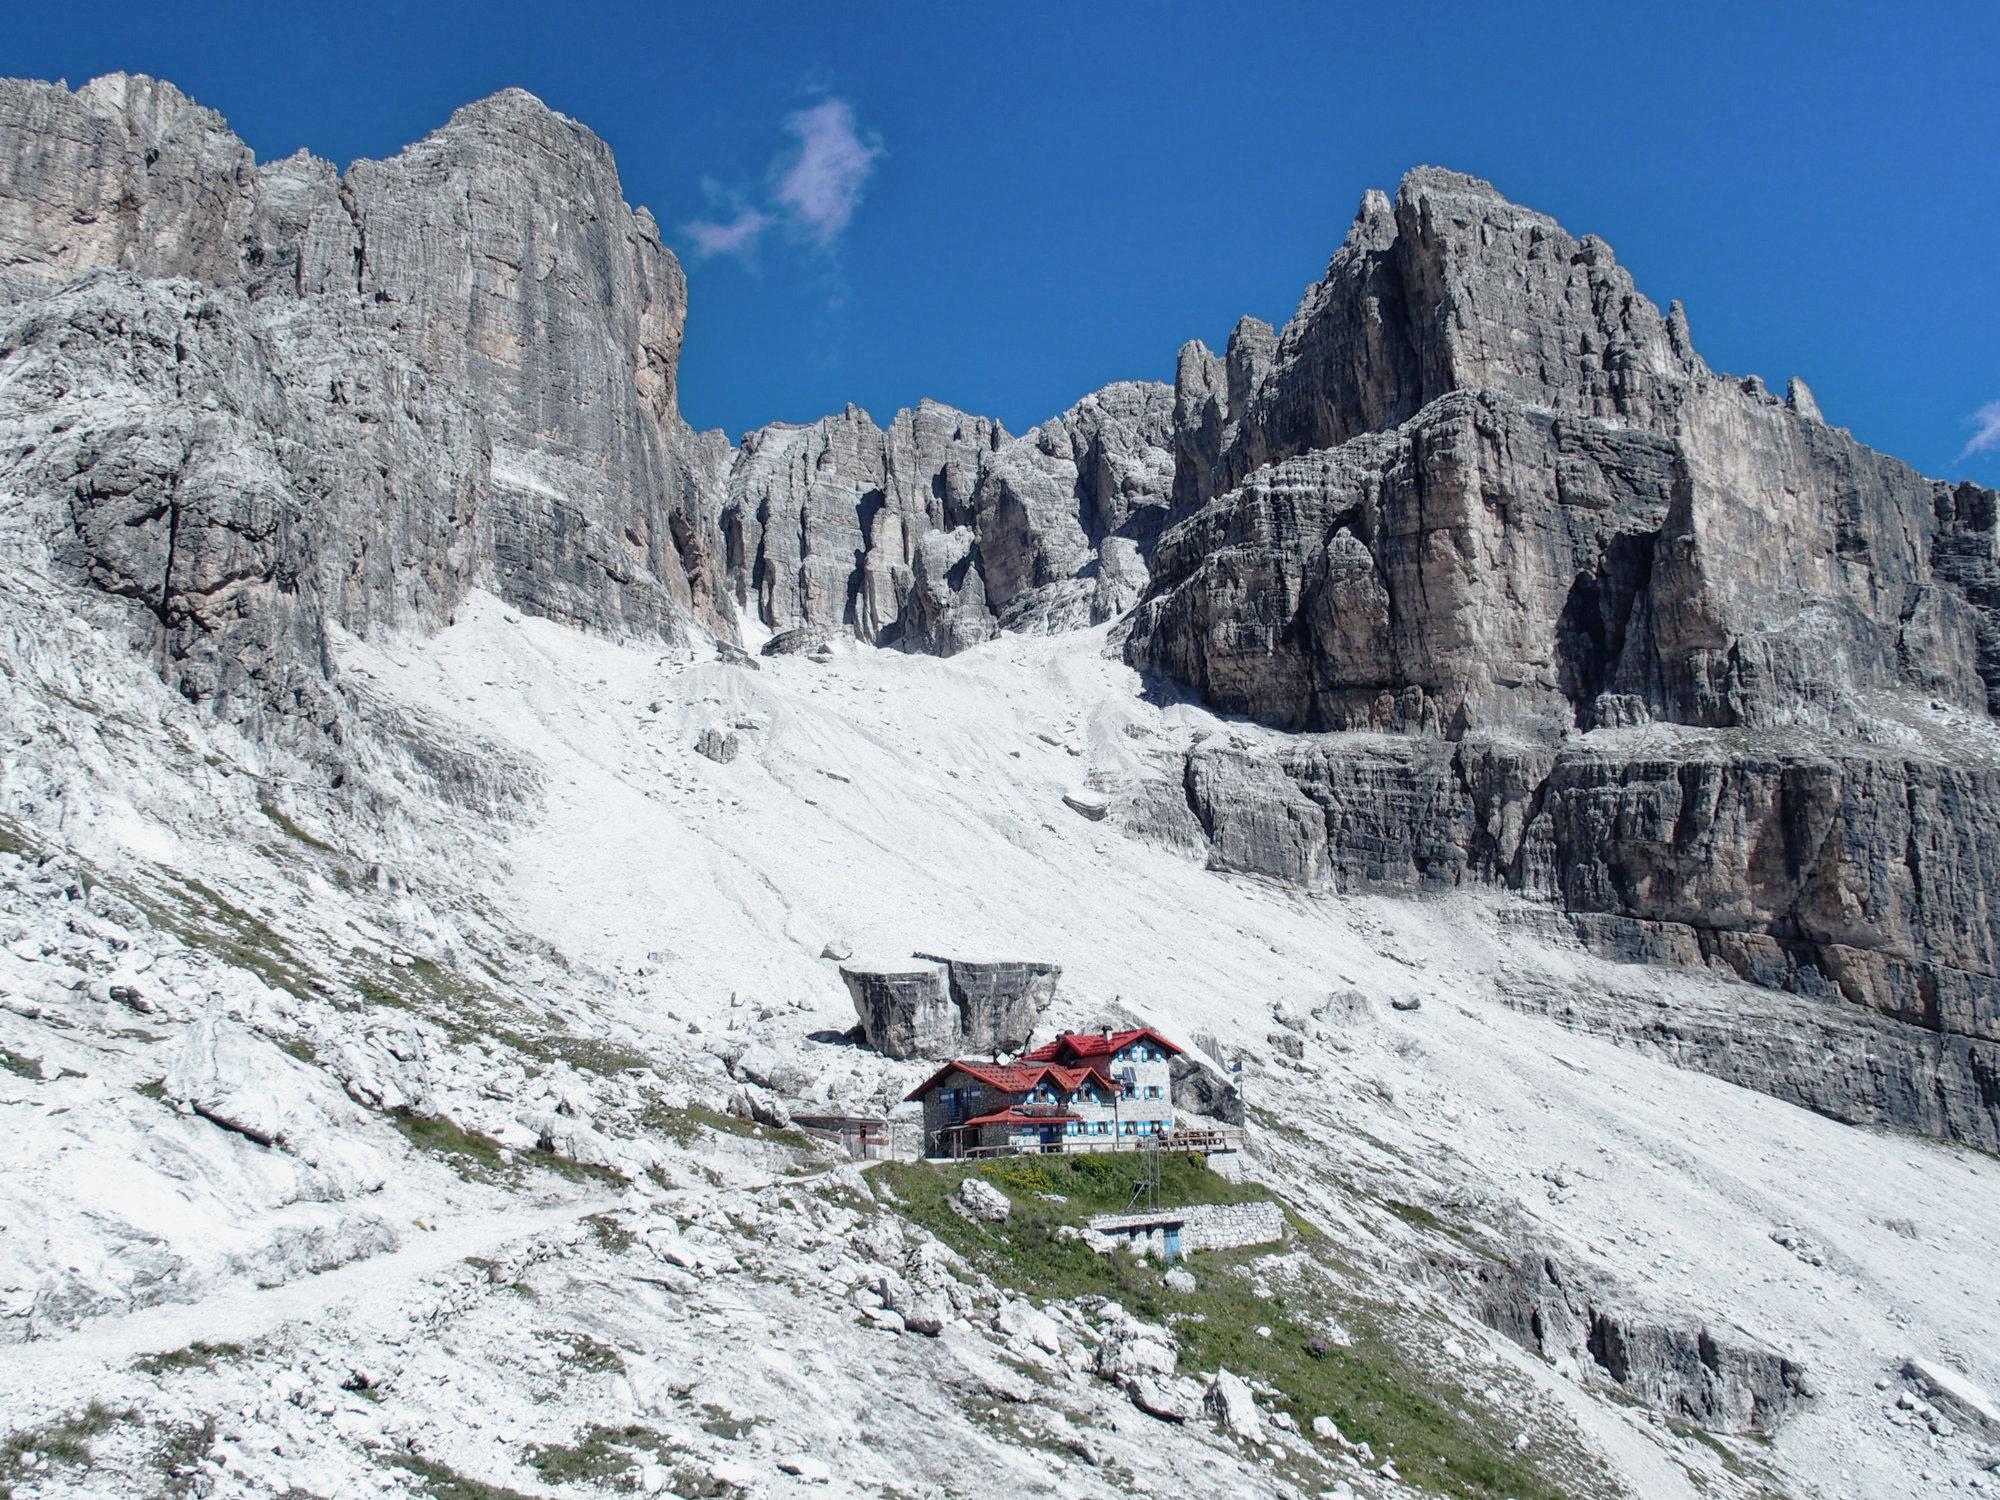 Rifugio Agostini, Brenta, Klettersteig, Dolomiten